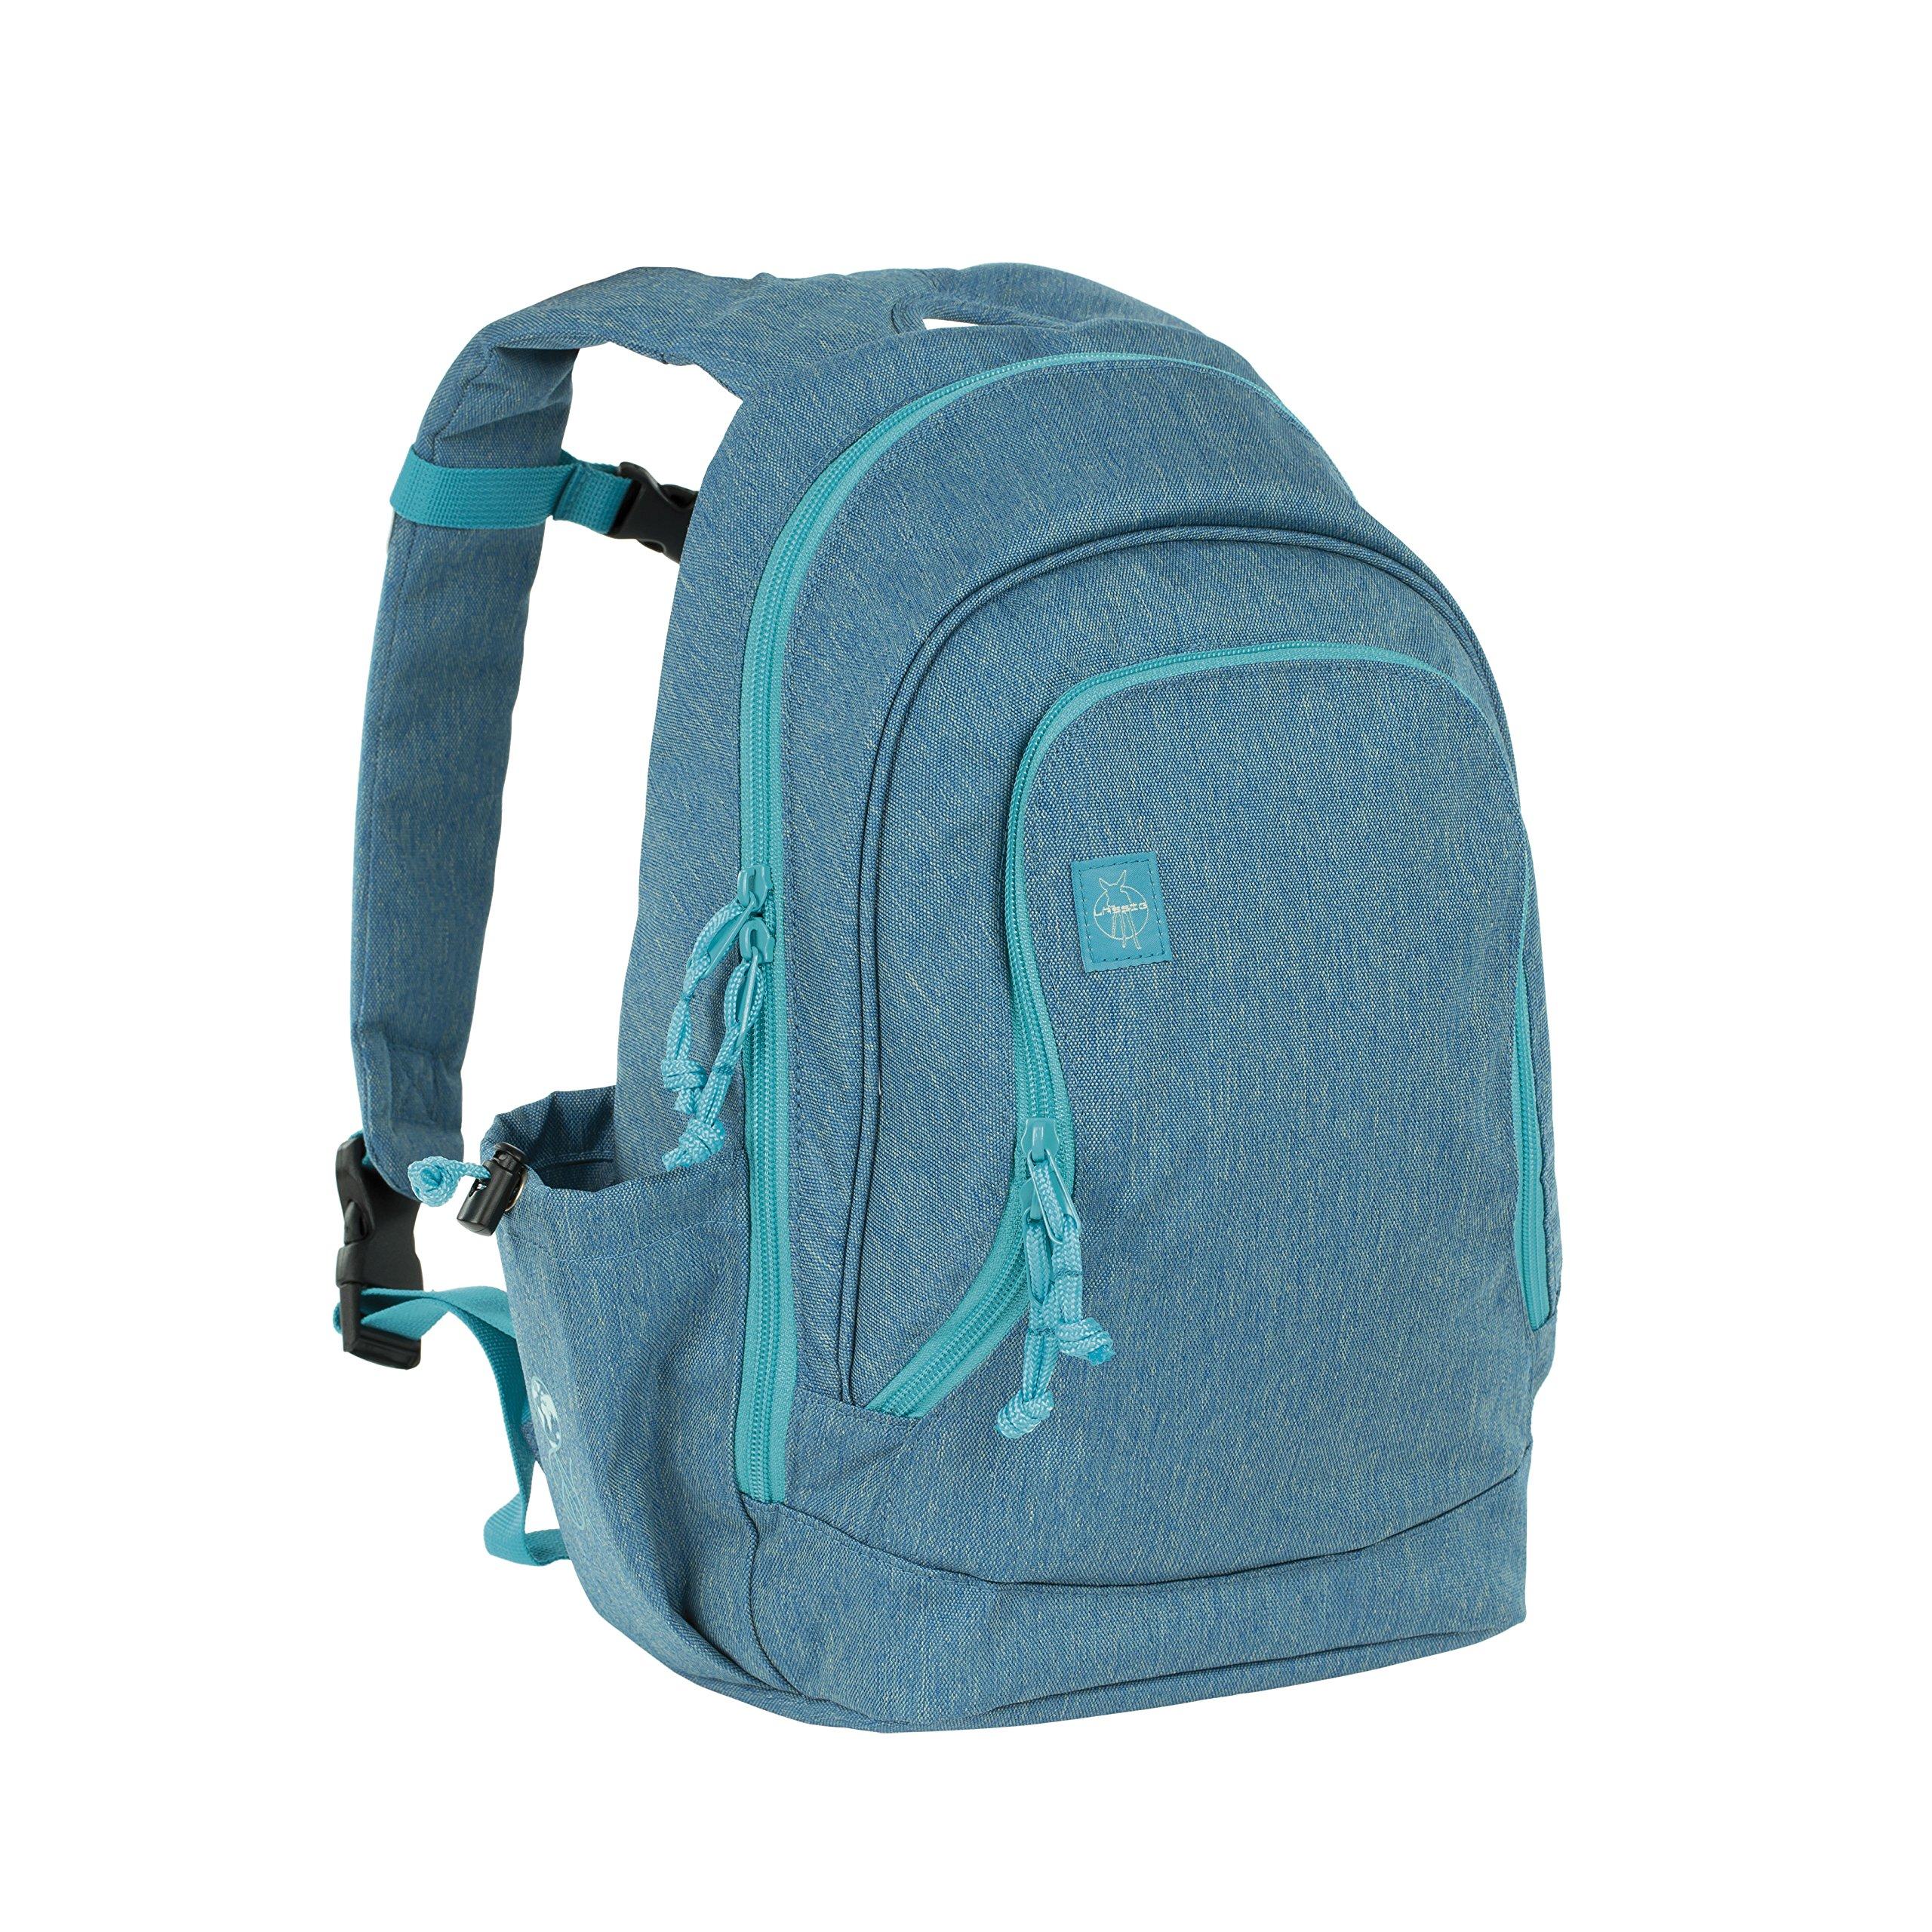 Lassig Kids Big Backpack About Friends, Melange Blue